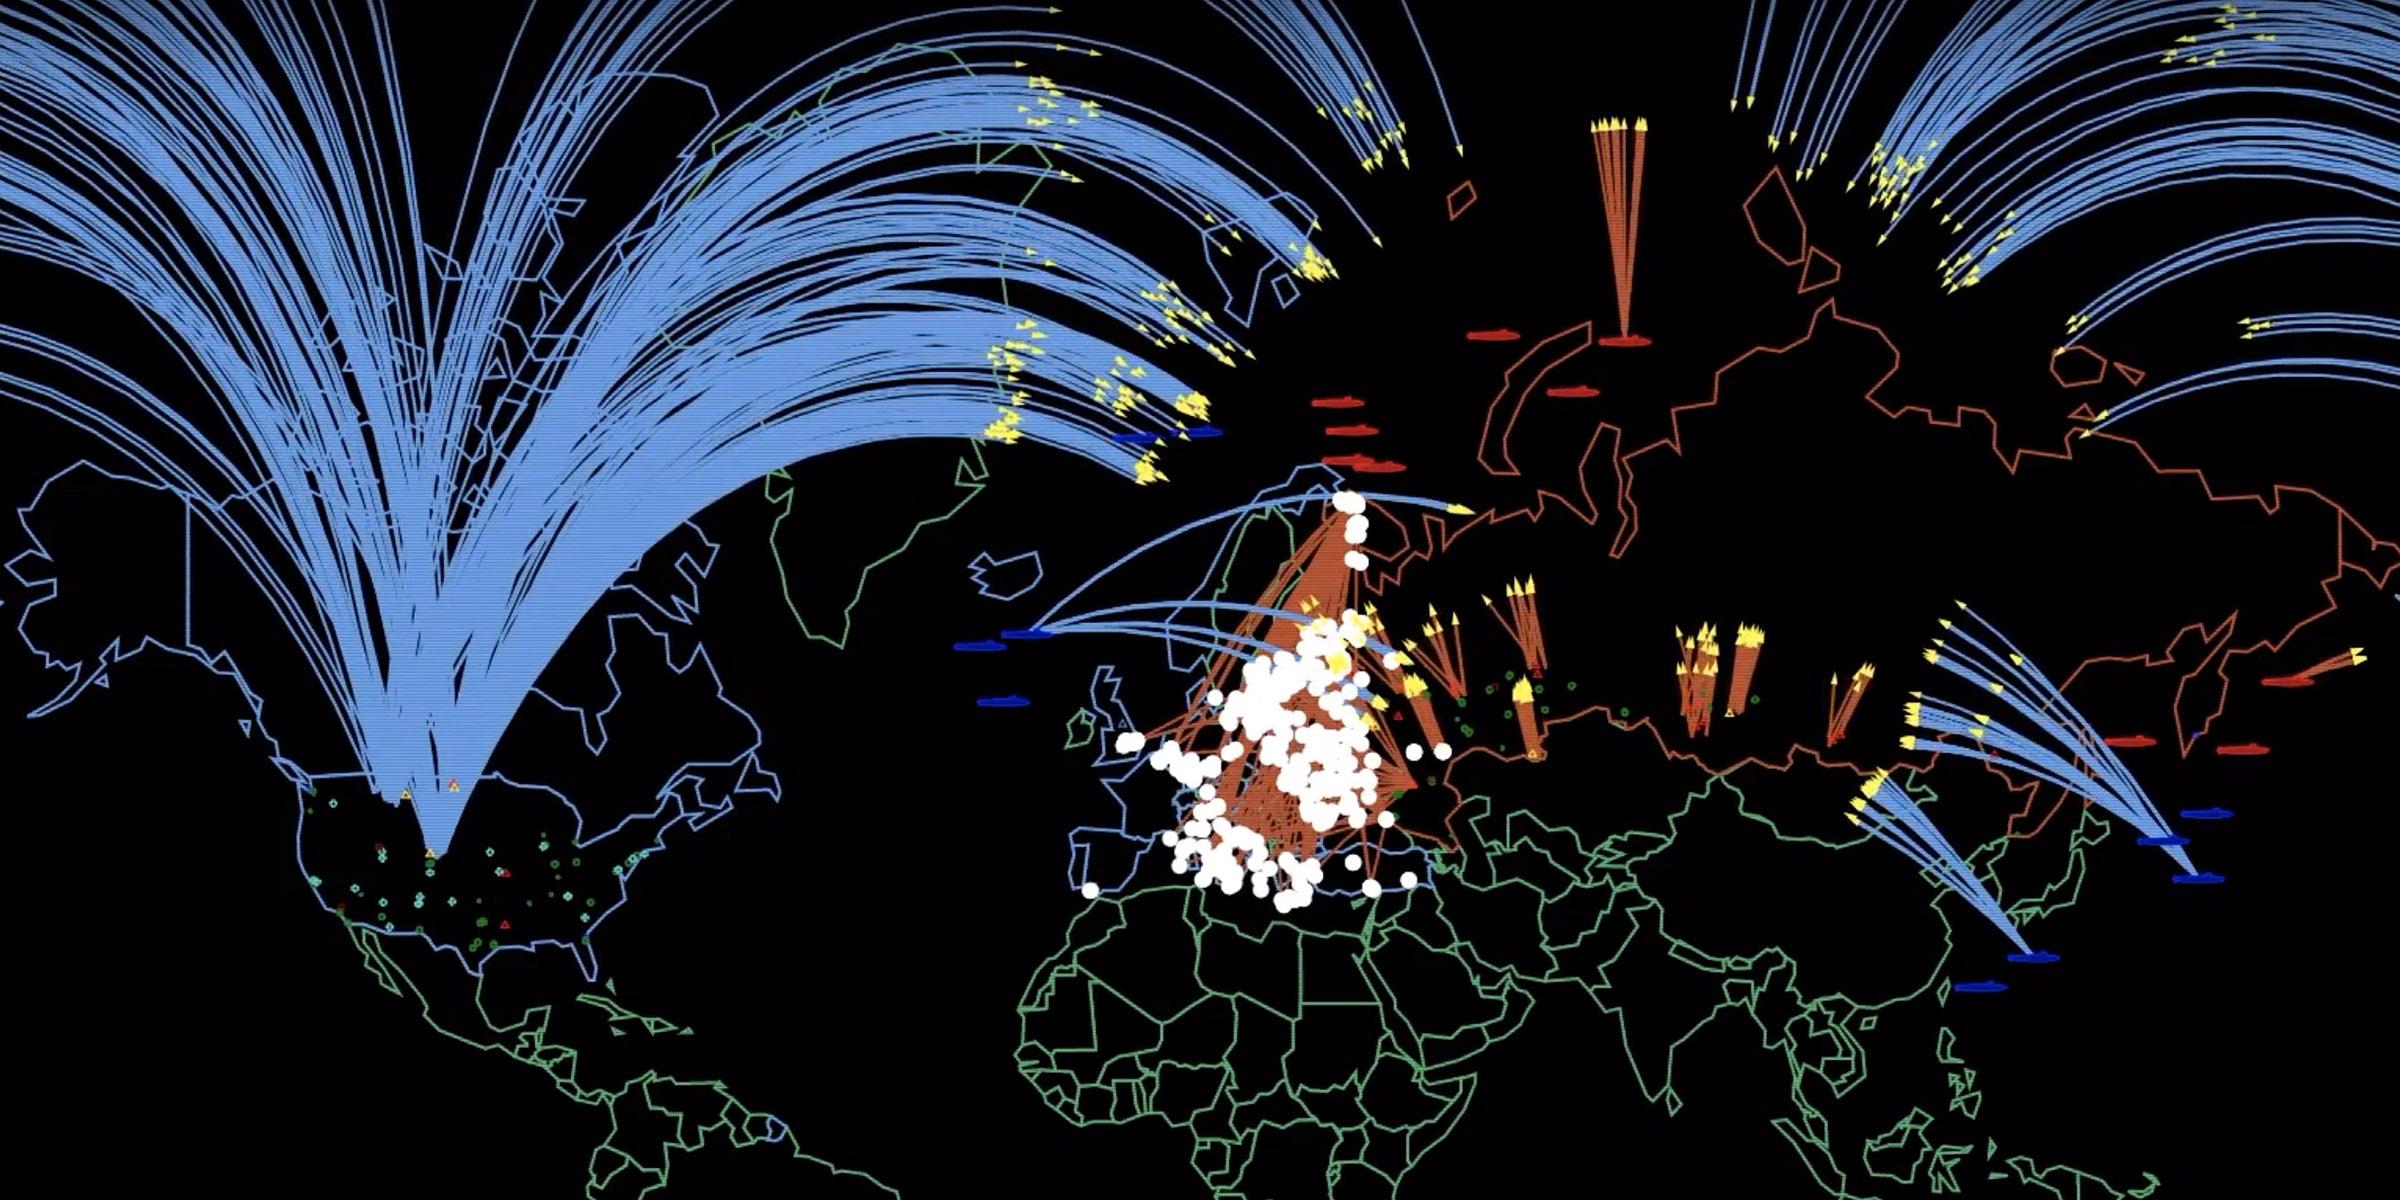 یک مدل شبیه سازی شده که توسط محققان مرکز علوم و امنیت جهانی دانشگاه پرینستون تهیه شده، نشان می دهد که چگونه استفاده از یک سلاح هسته ای به اصطلاح تاکتیکال یا با قدرت انفجار پایین می تواند به یک کشمکش ترسناک در مقیاس بین المللی تبدیل شود.